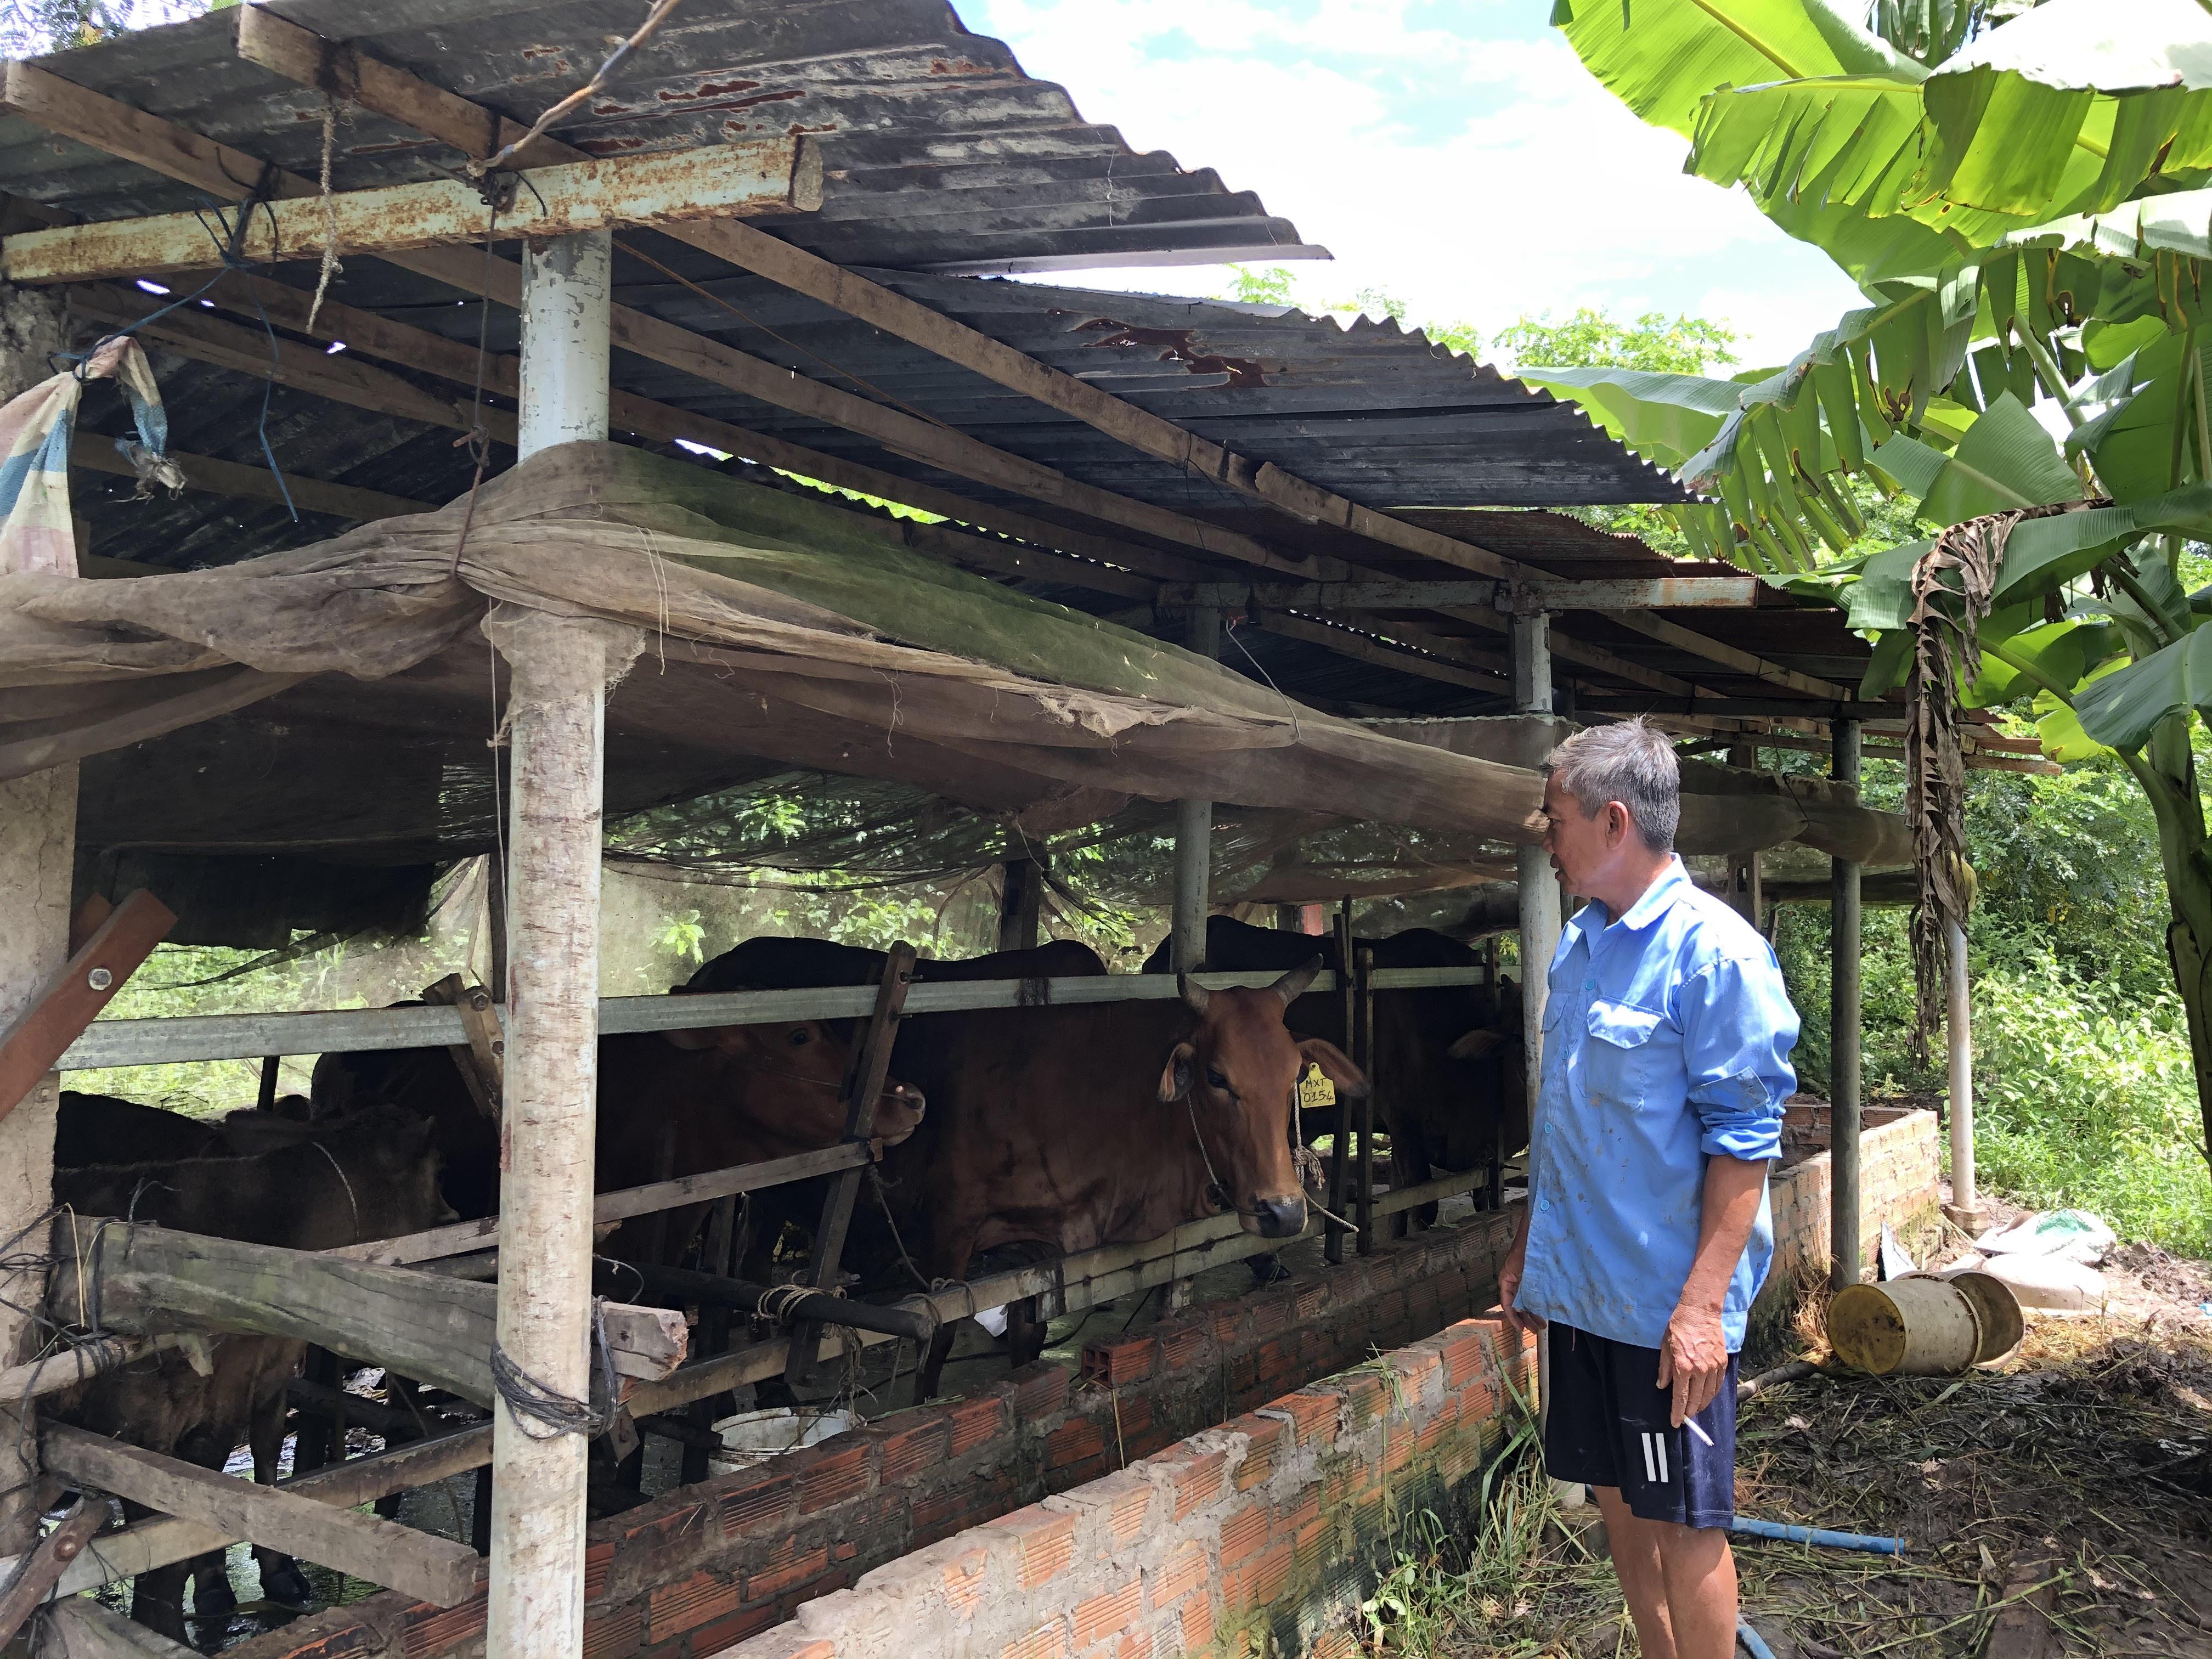 Hộ gia đình điển hình trong sử dụng hiệu quả nguồn vốn vào việc chăn nuôi bò ở huyện Mỹ Xuyên.